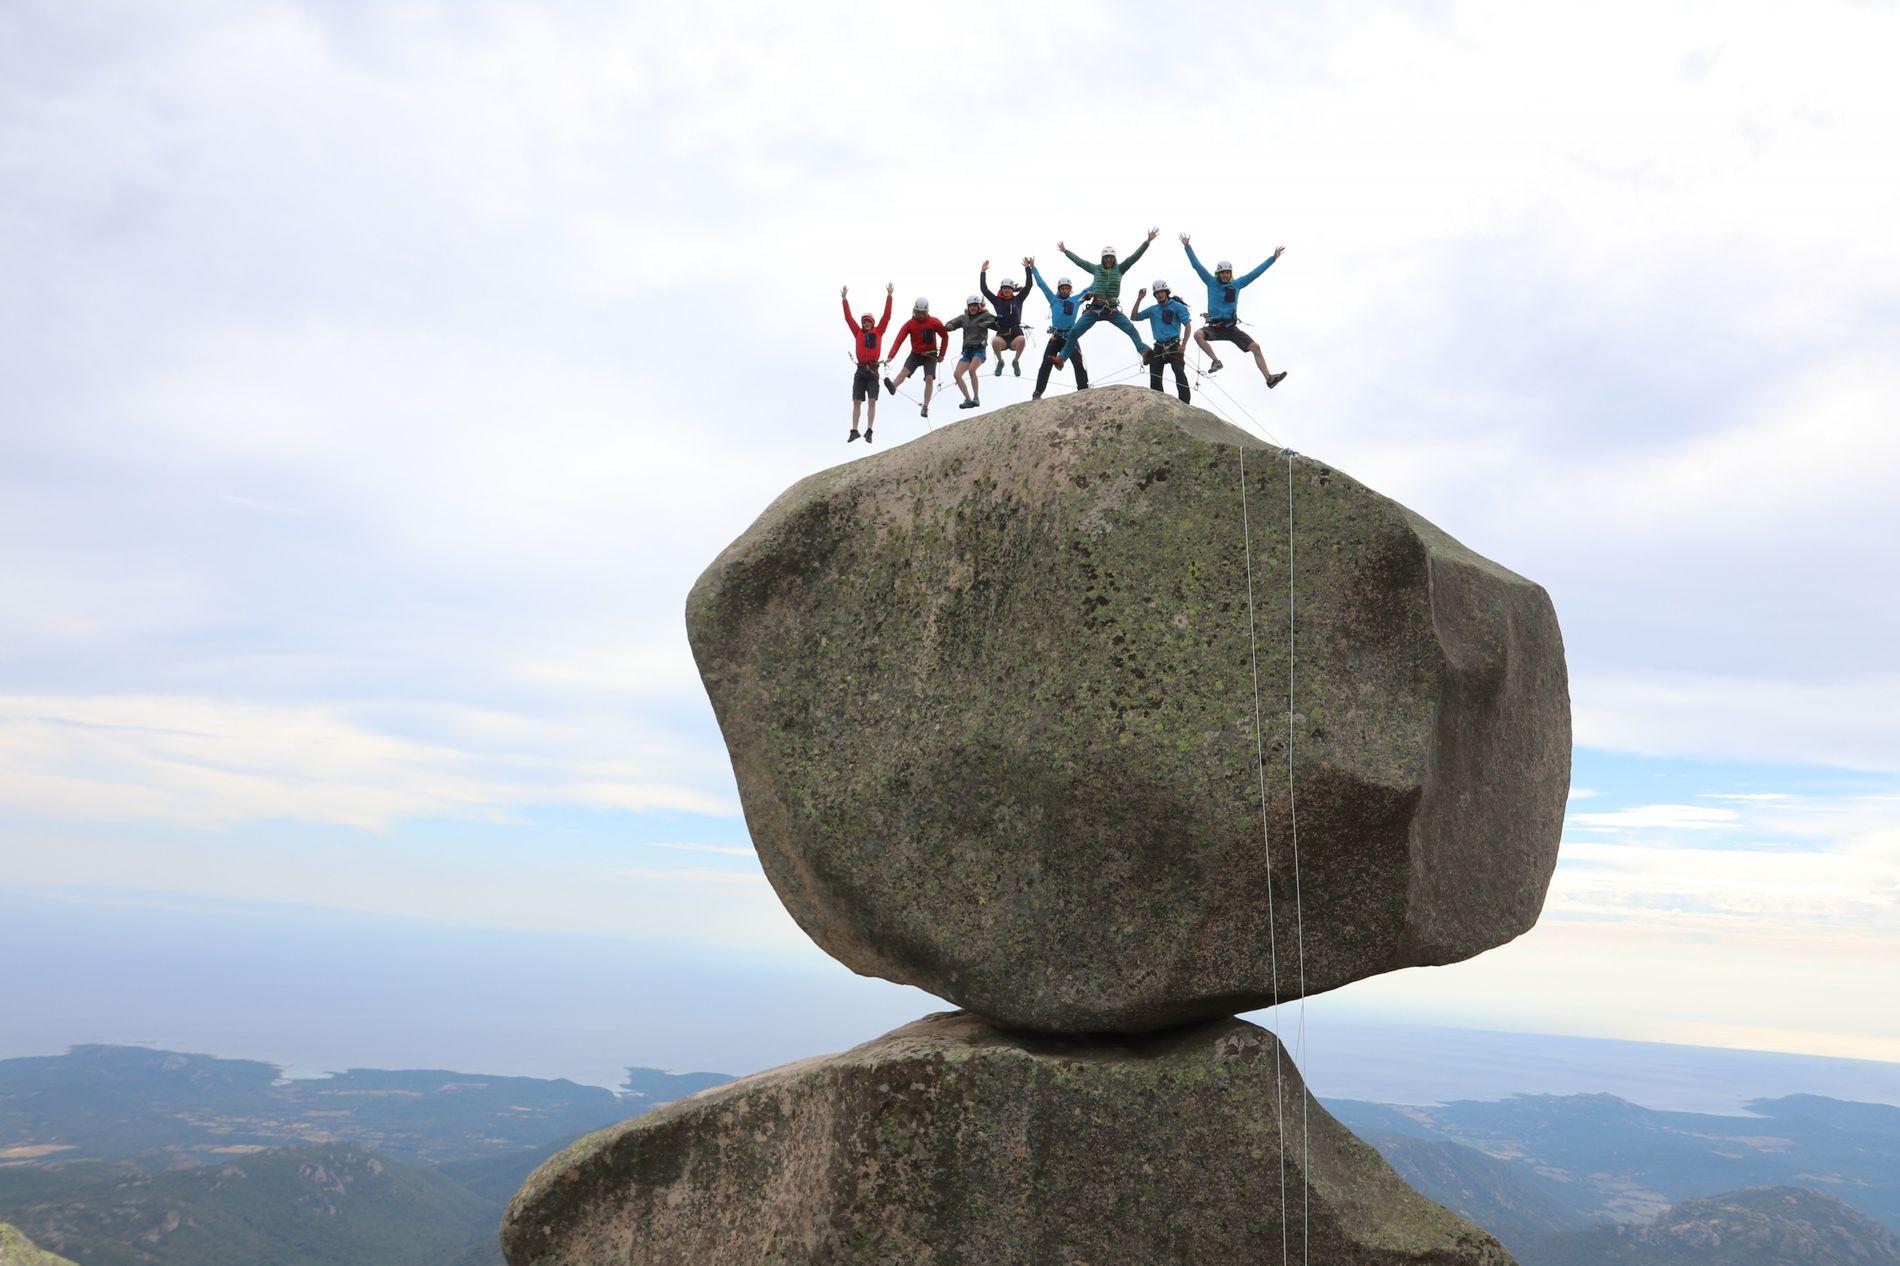 La promotion 2017/2018 du Roc Aventure Programme de la Fédération française de la montagne et de l'escalade (FFME) à Bavella, en Corse. Ce programme sur deux ans permet à six jeunes grimpeurs de perfectionner leur technique d'escalade sur des voies naturelles.